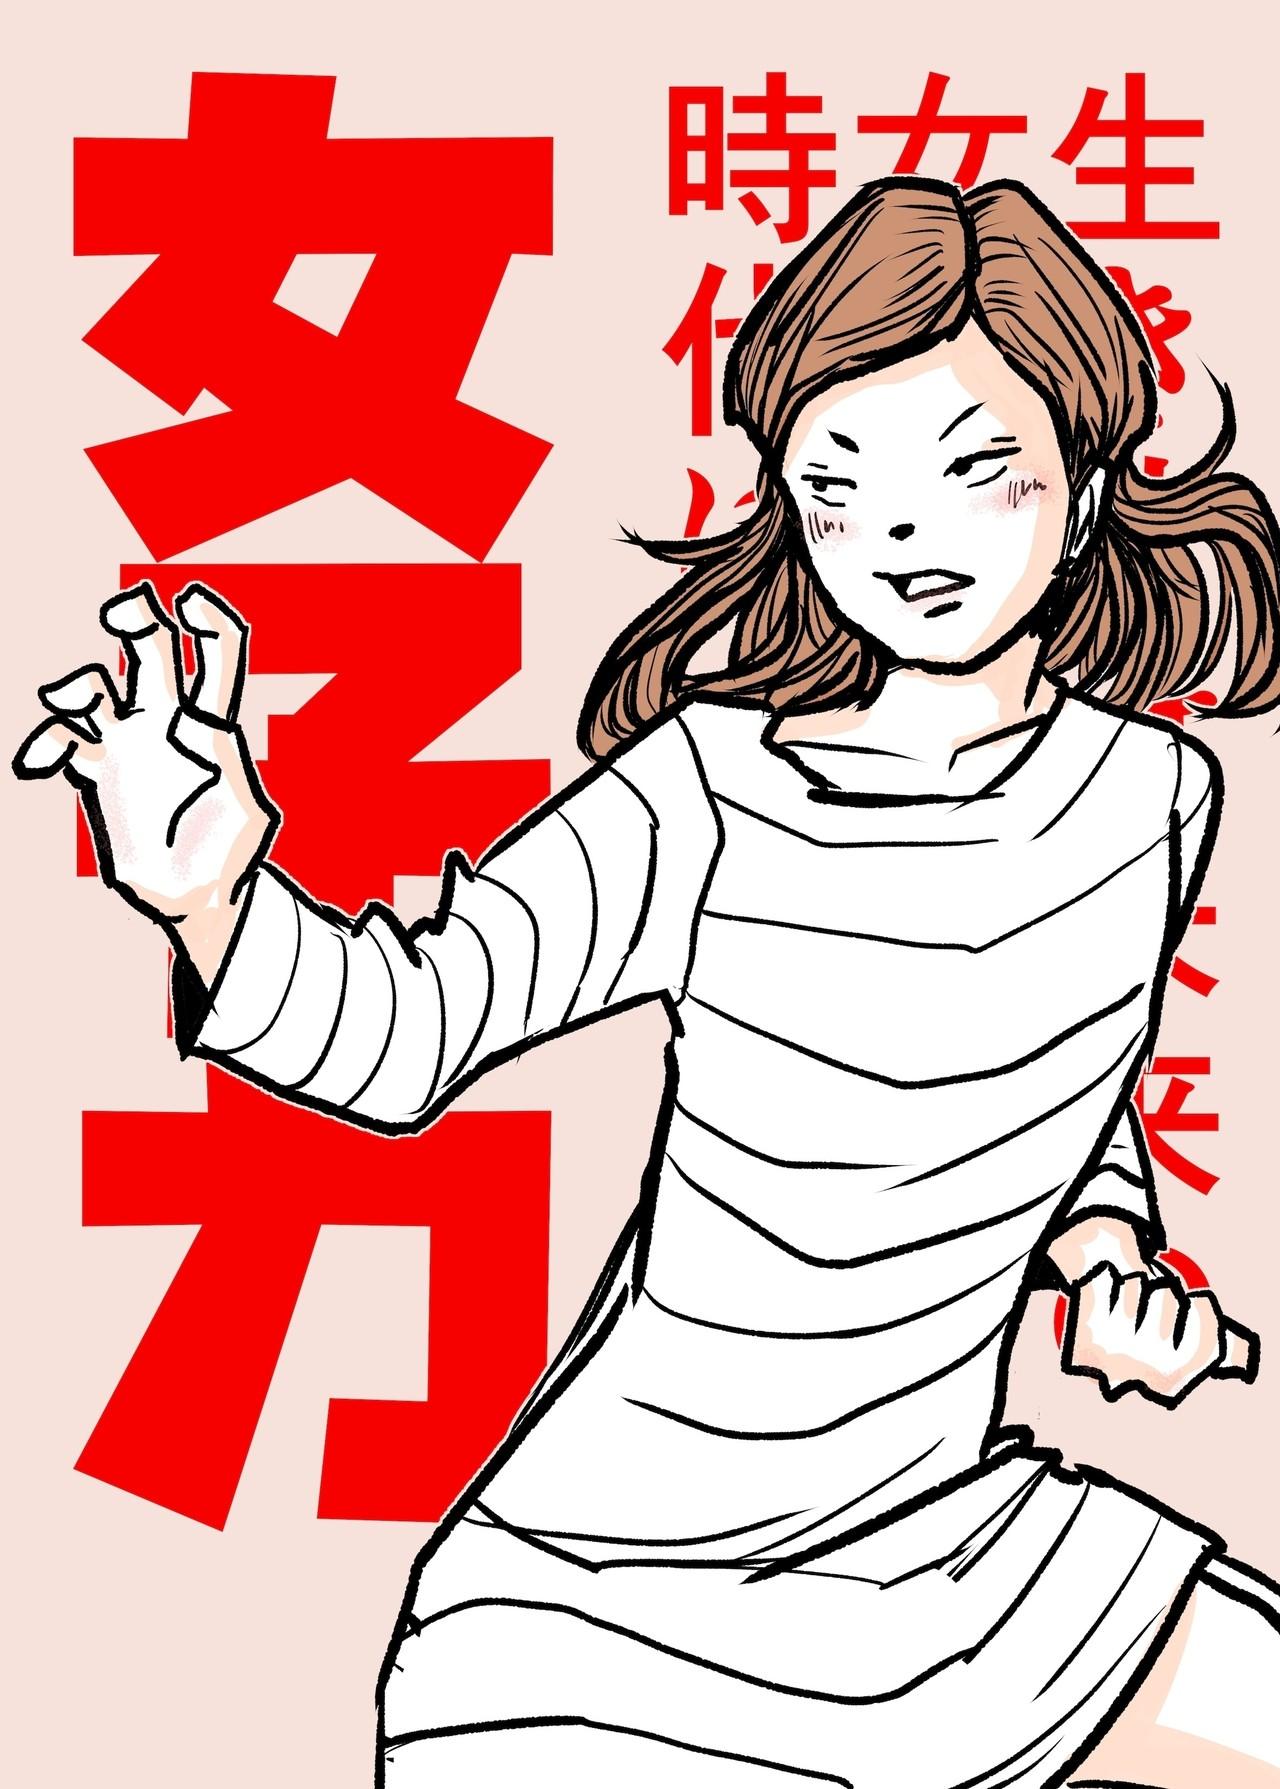 皆様ご存知ですか?こういう女子力もあります。 漫画はこちら→https://note.mu/tiwawa55/n/n1e25b5f170d5